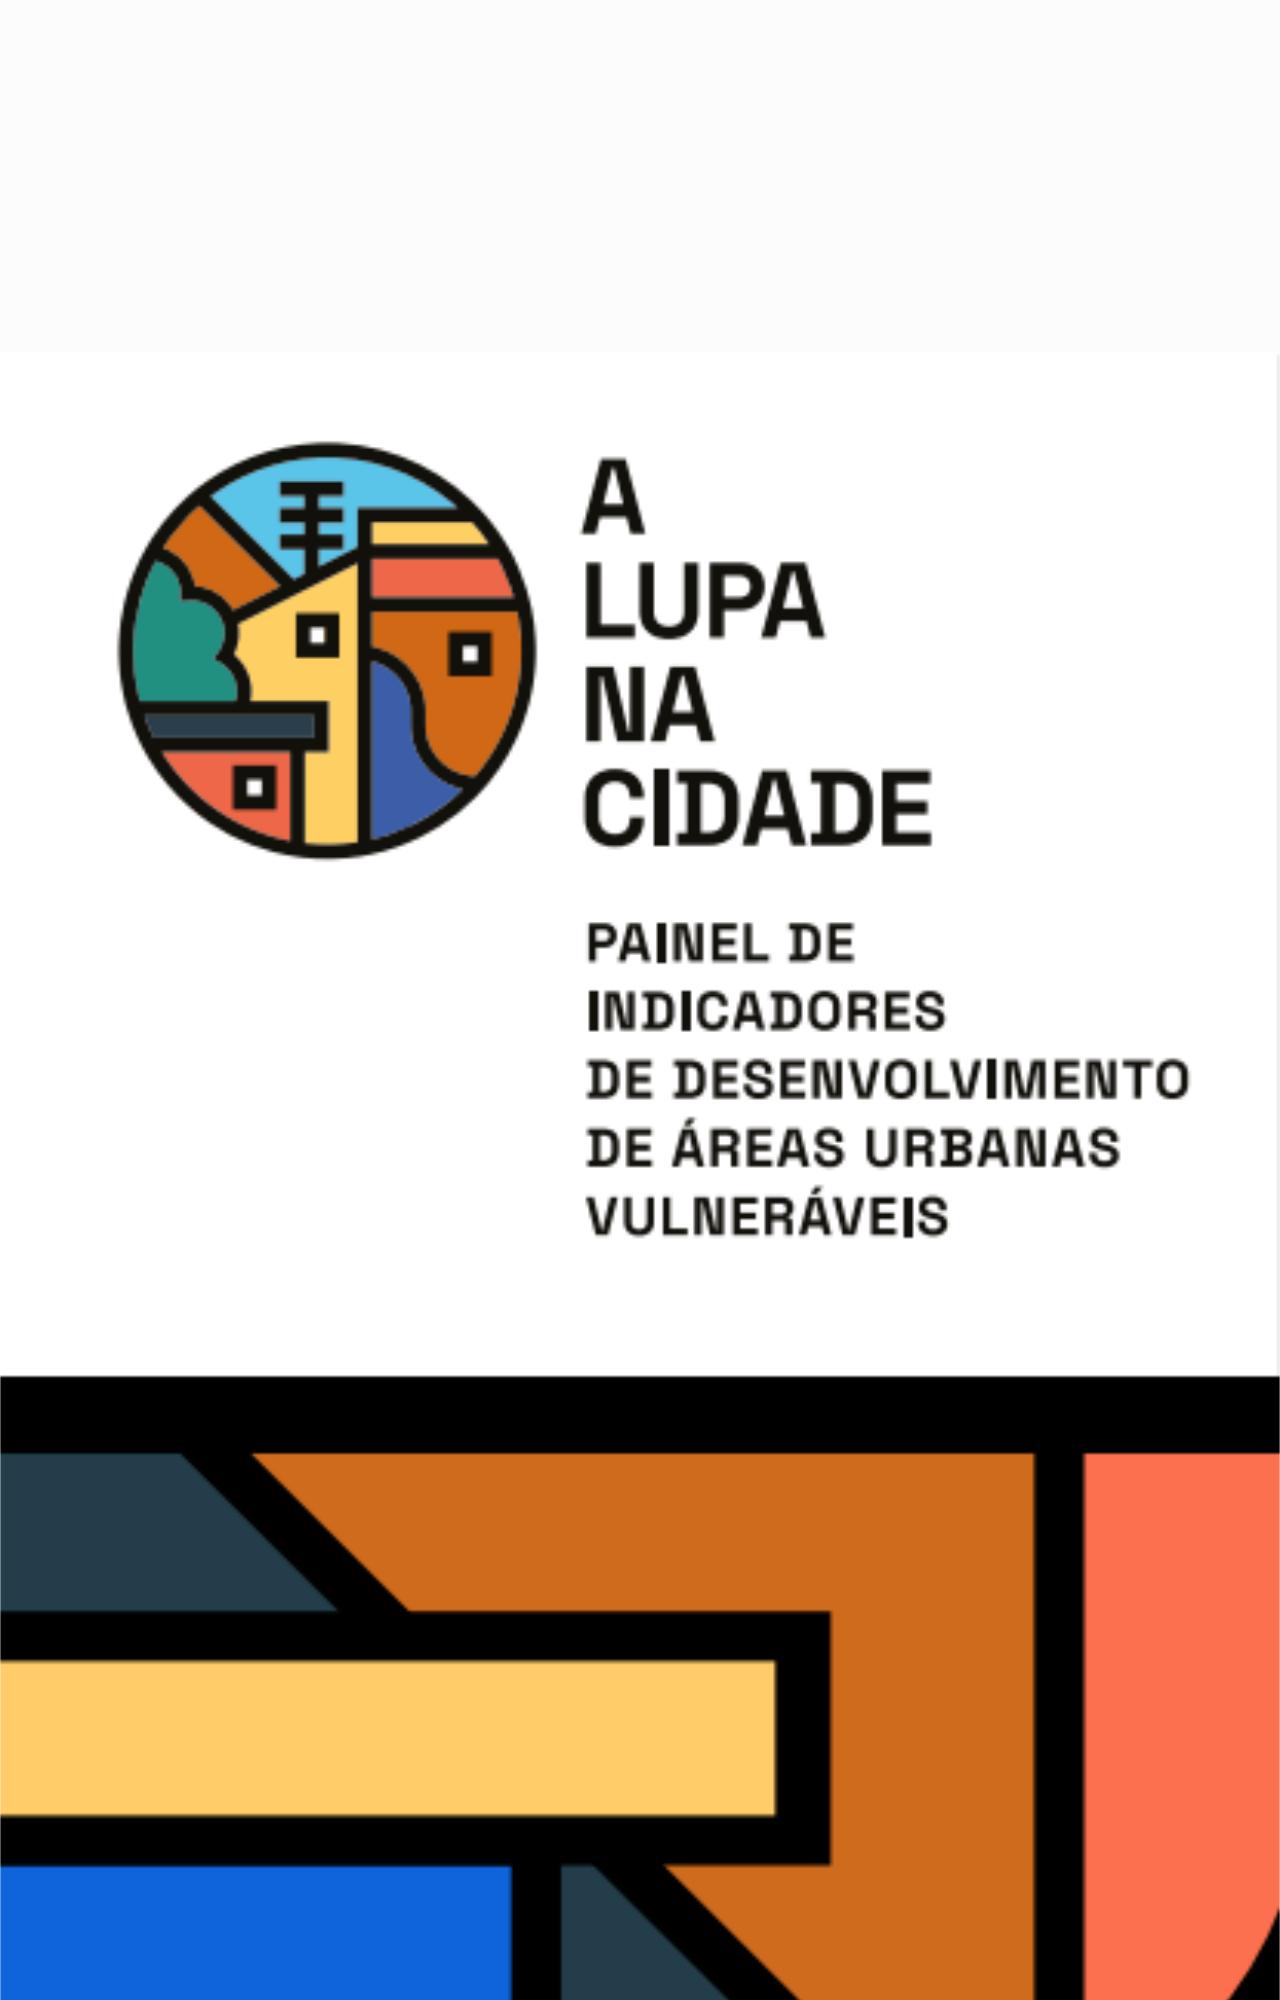 A Lupa na Cidade - Painel de Indicadores de Desenvolvimento de Áreas Urbanas Vulneráveis